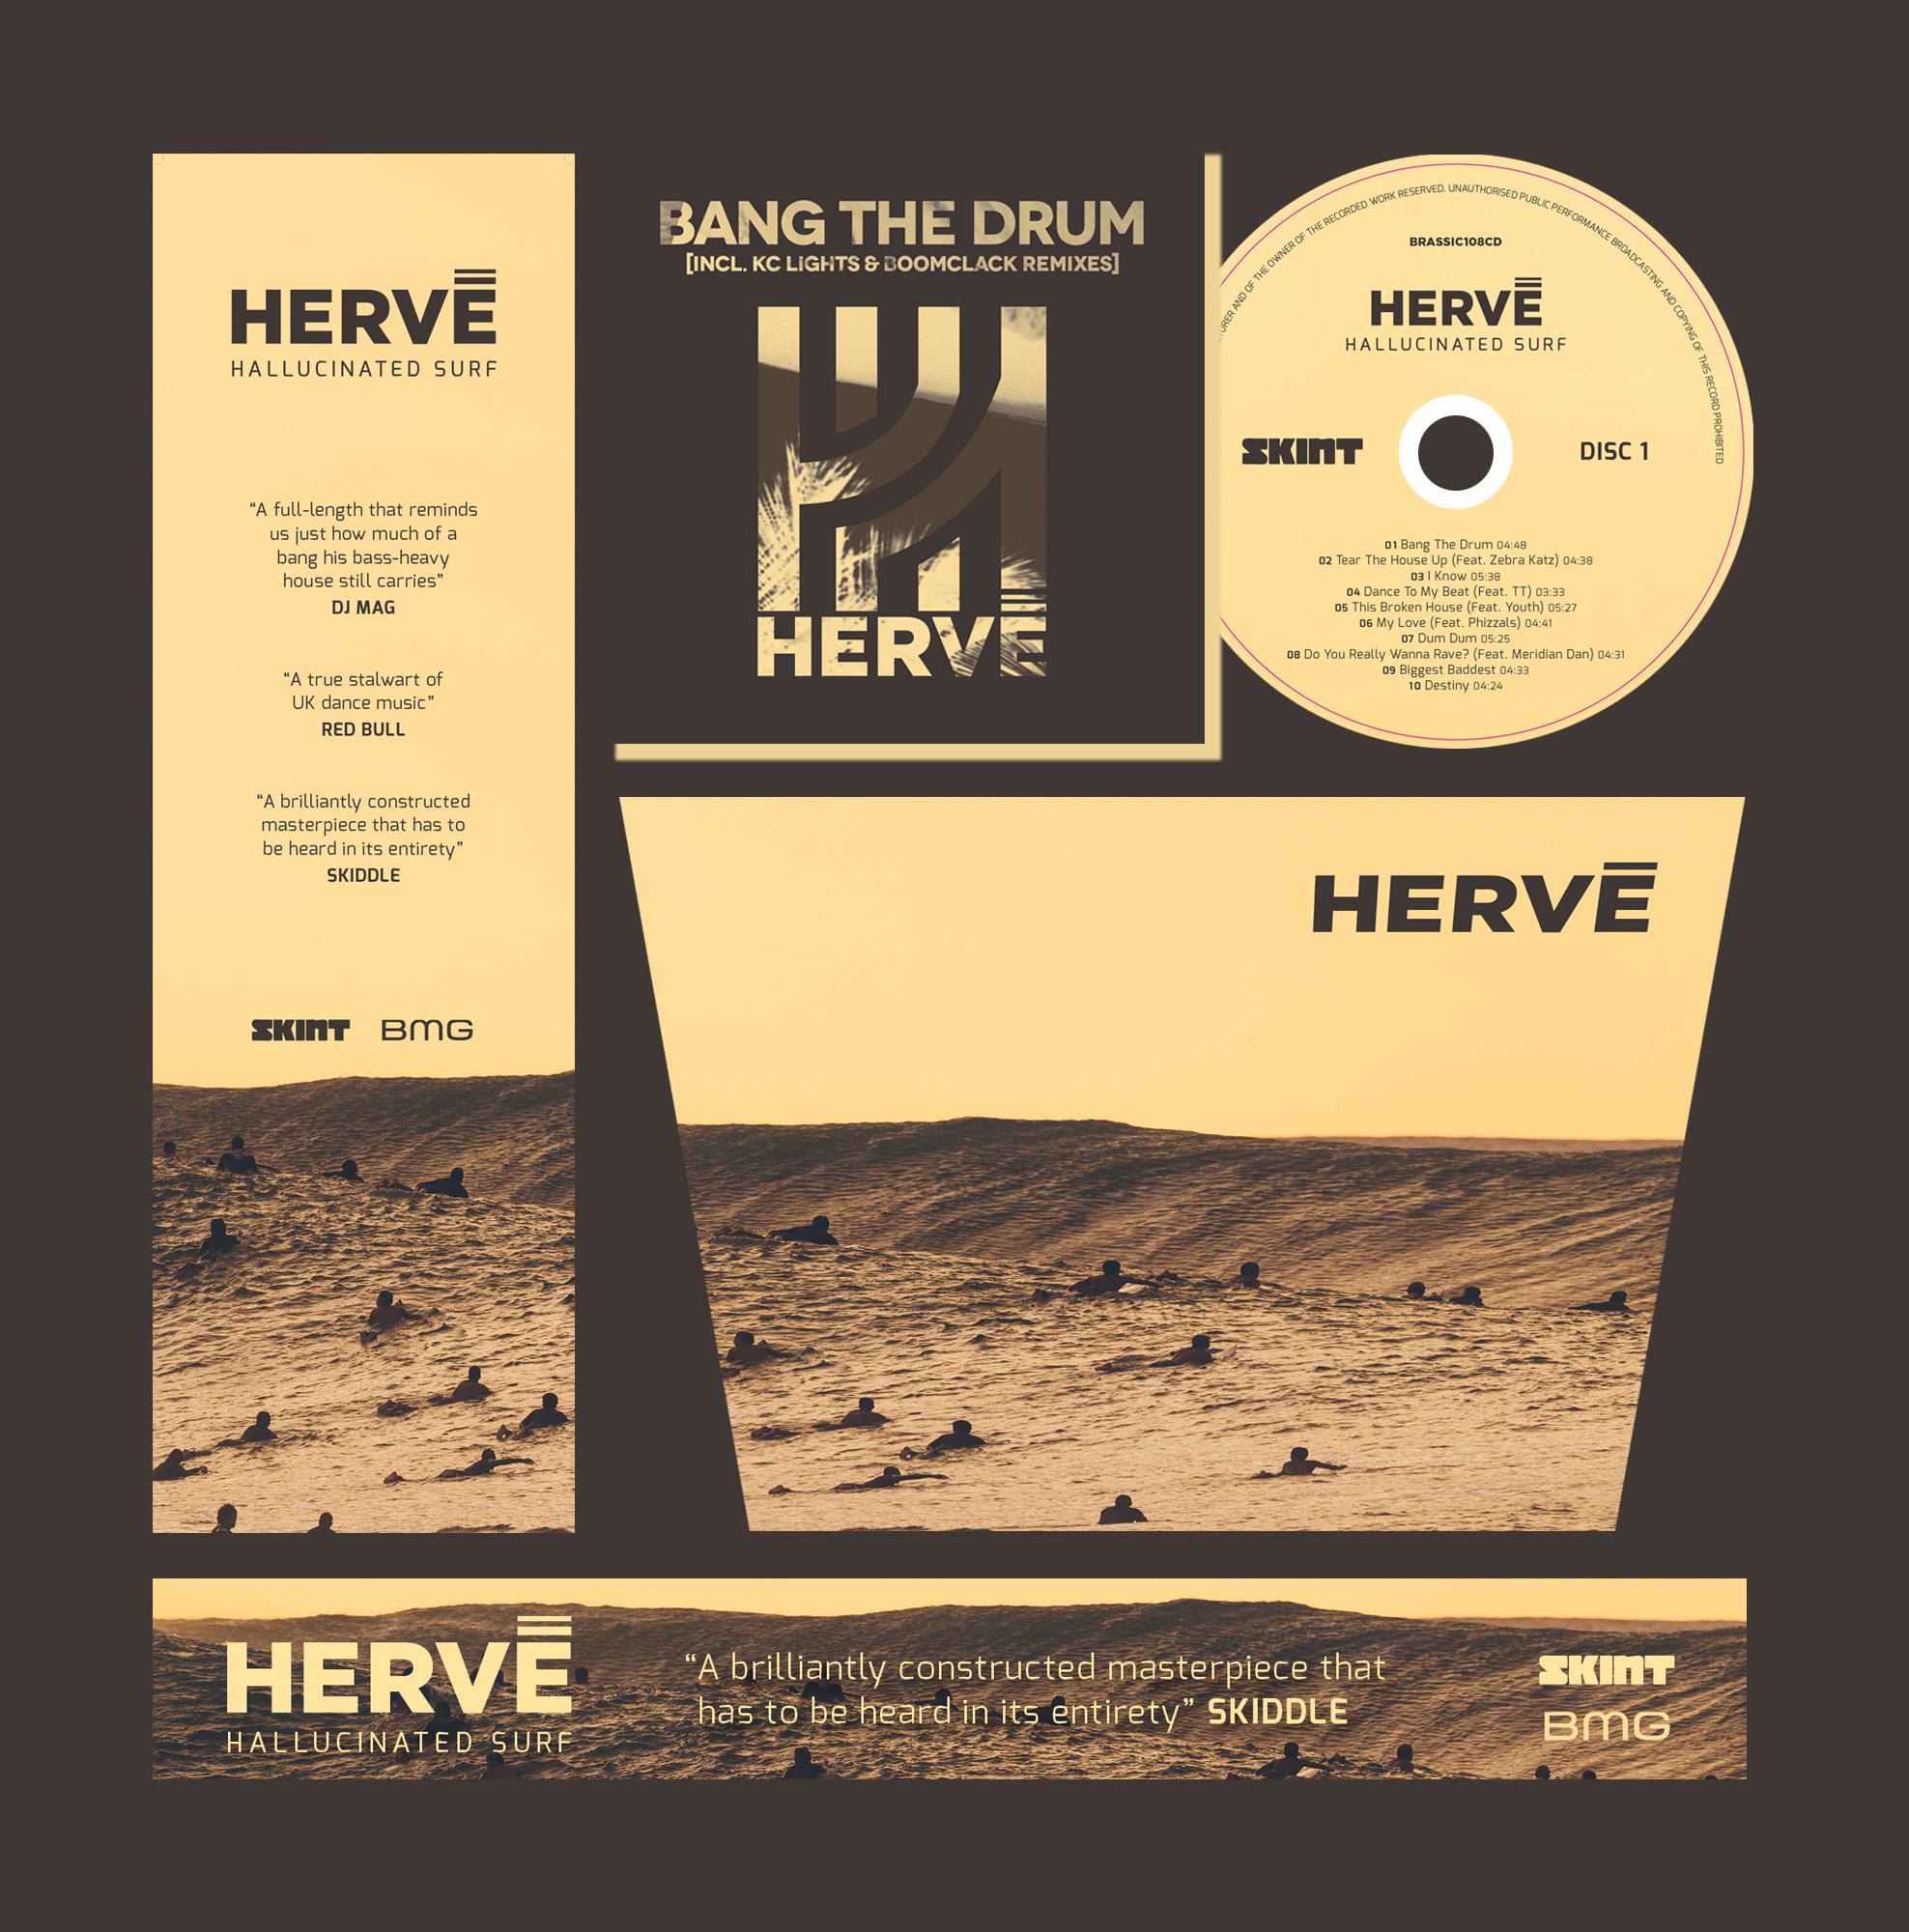 Design for Hervé album 2016